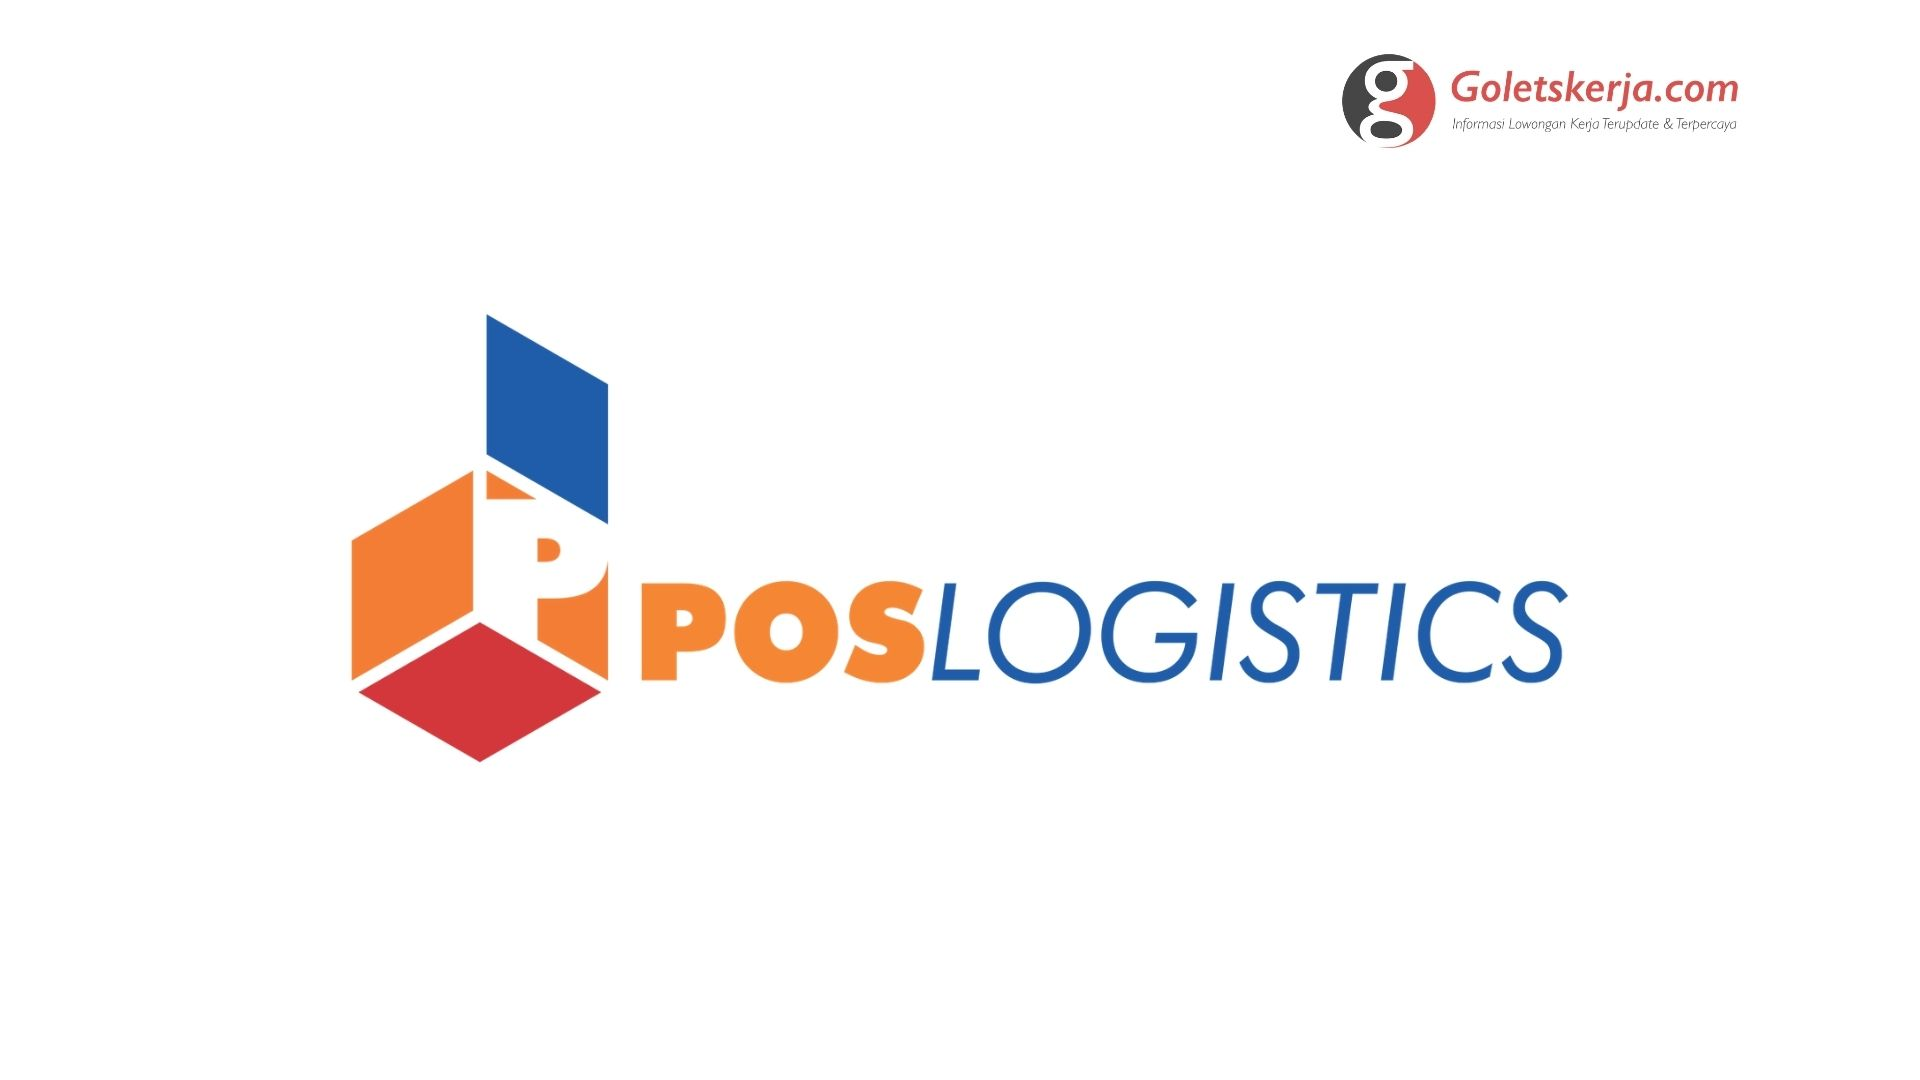 Lowongan Kerja PT Pos Logistics Indonesia – Oktober 2021